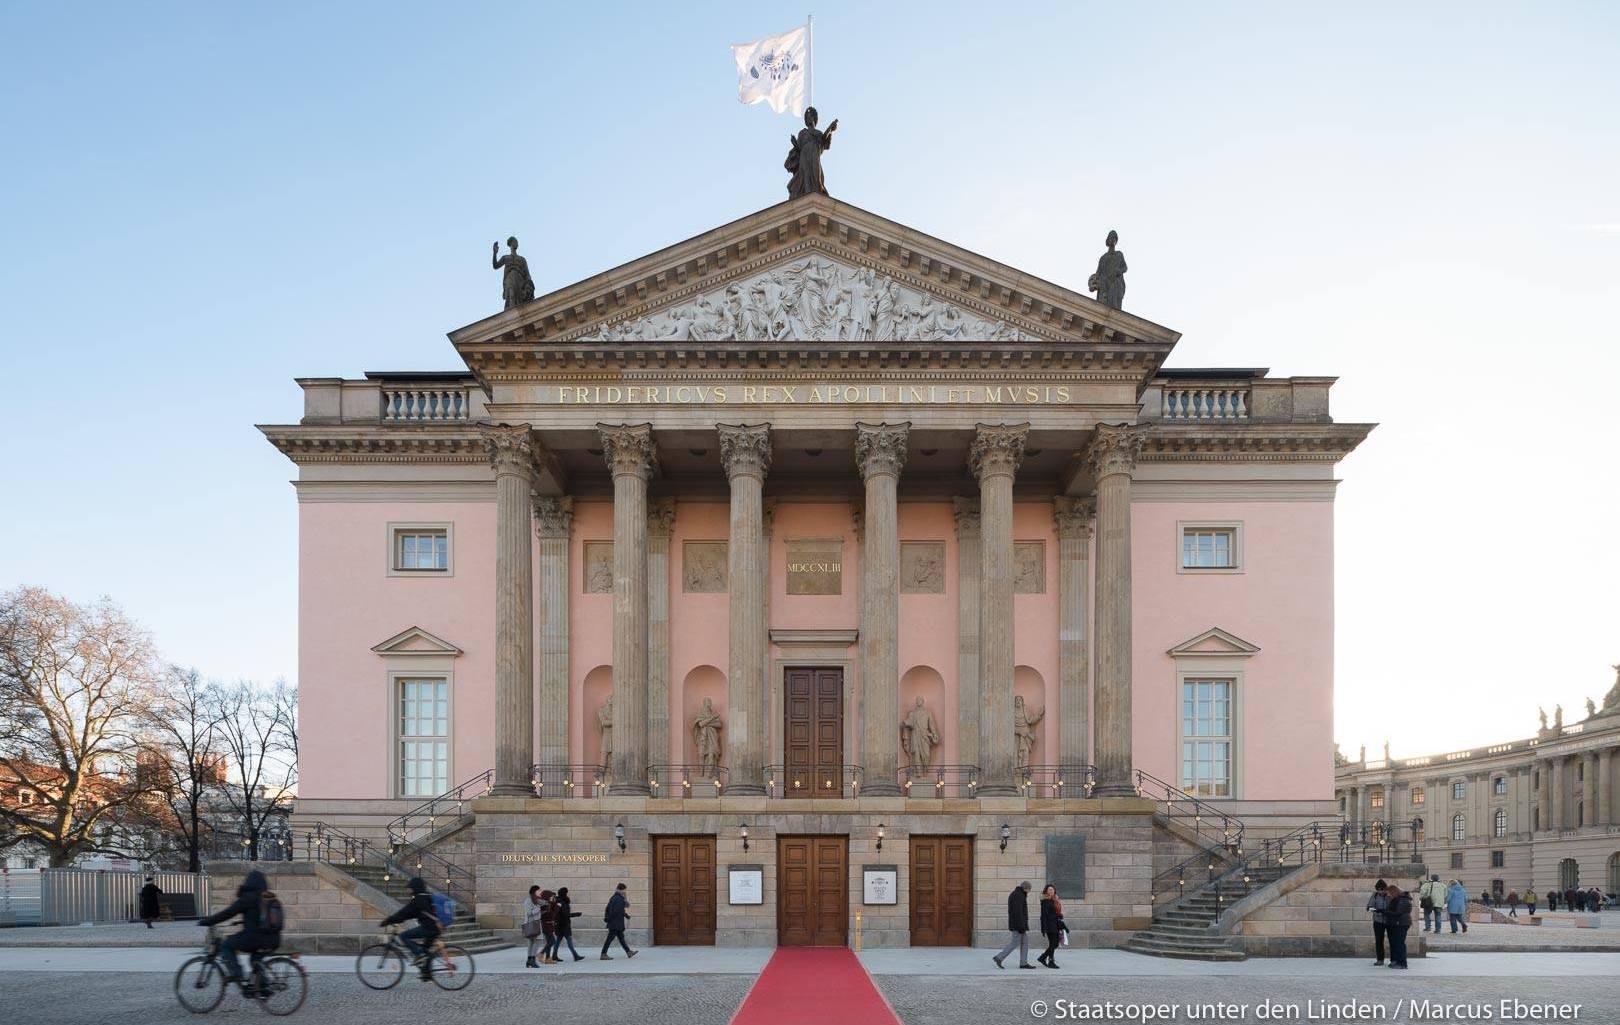 Staatsoper unter den linden, Berlin, Berlino Opera di Stato, Staatsoper